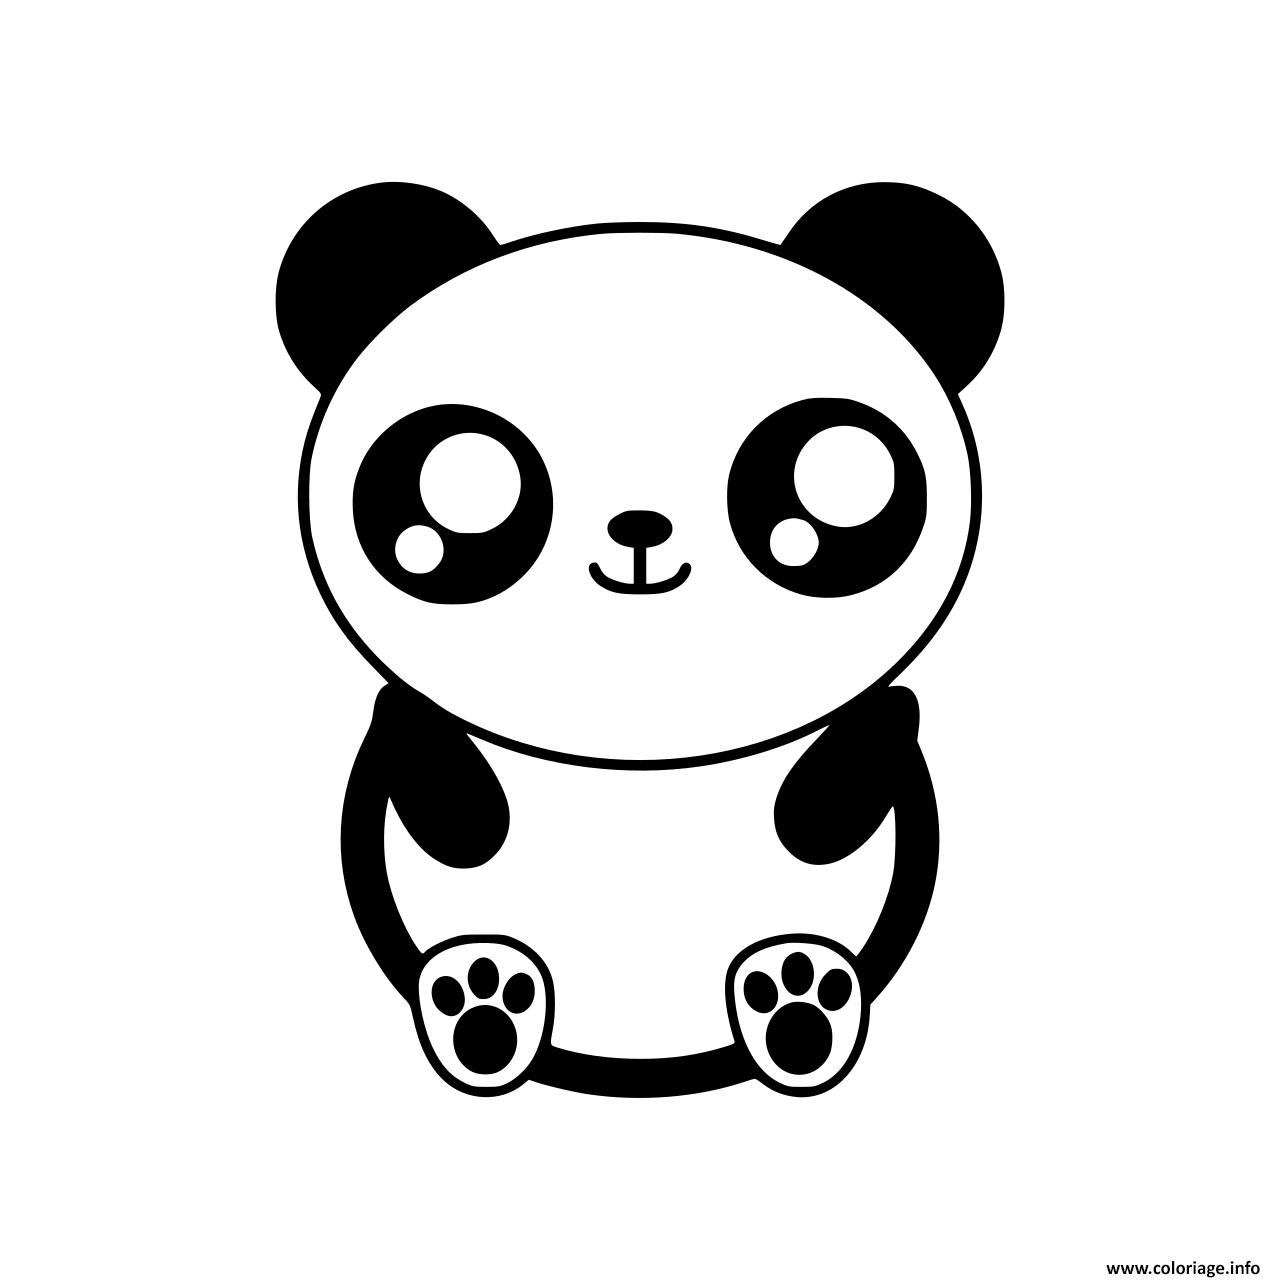 Coloriage kawaii panda - JeColorie.com